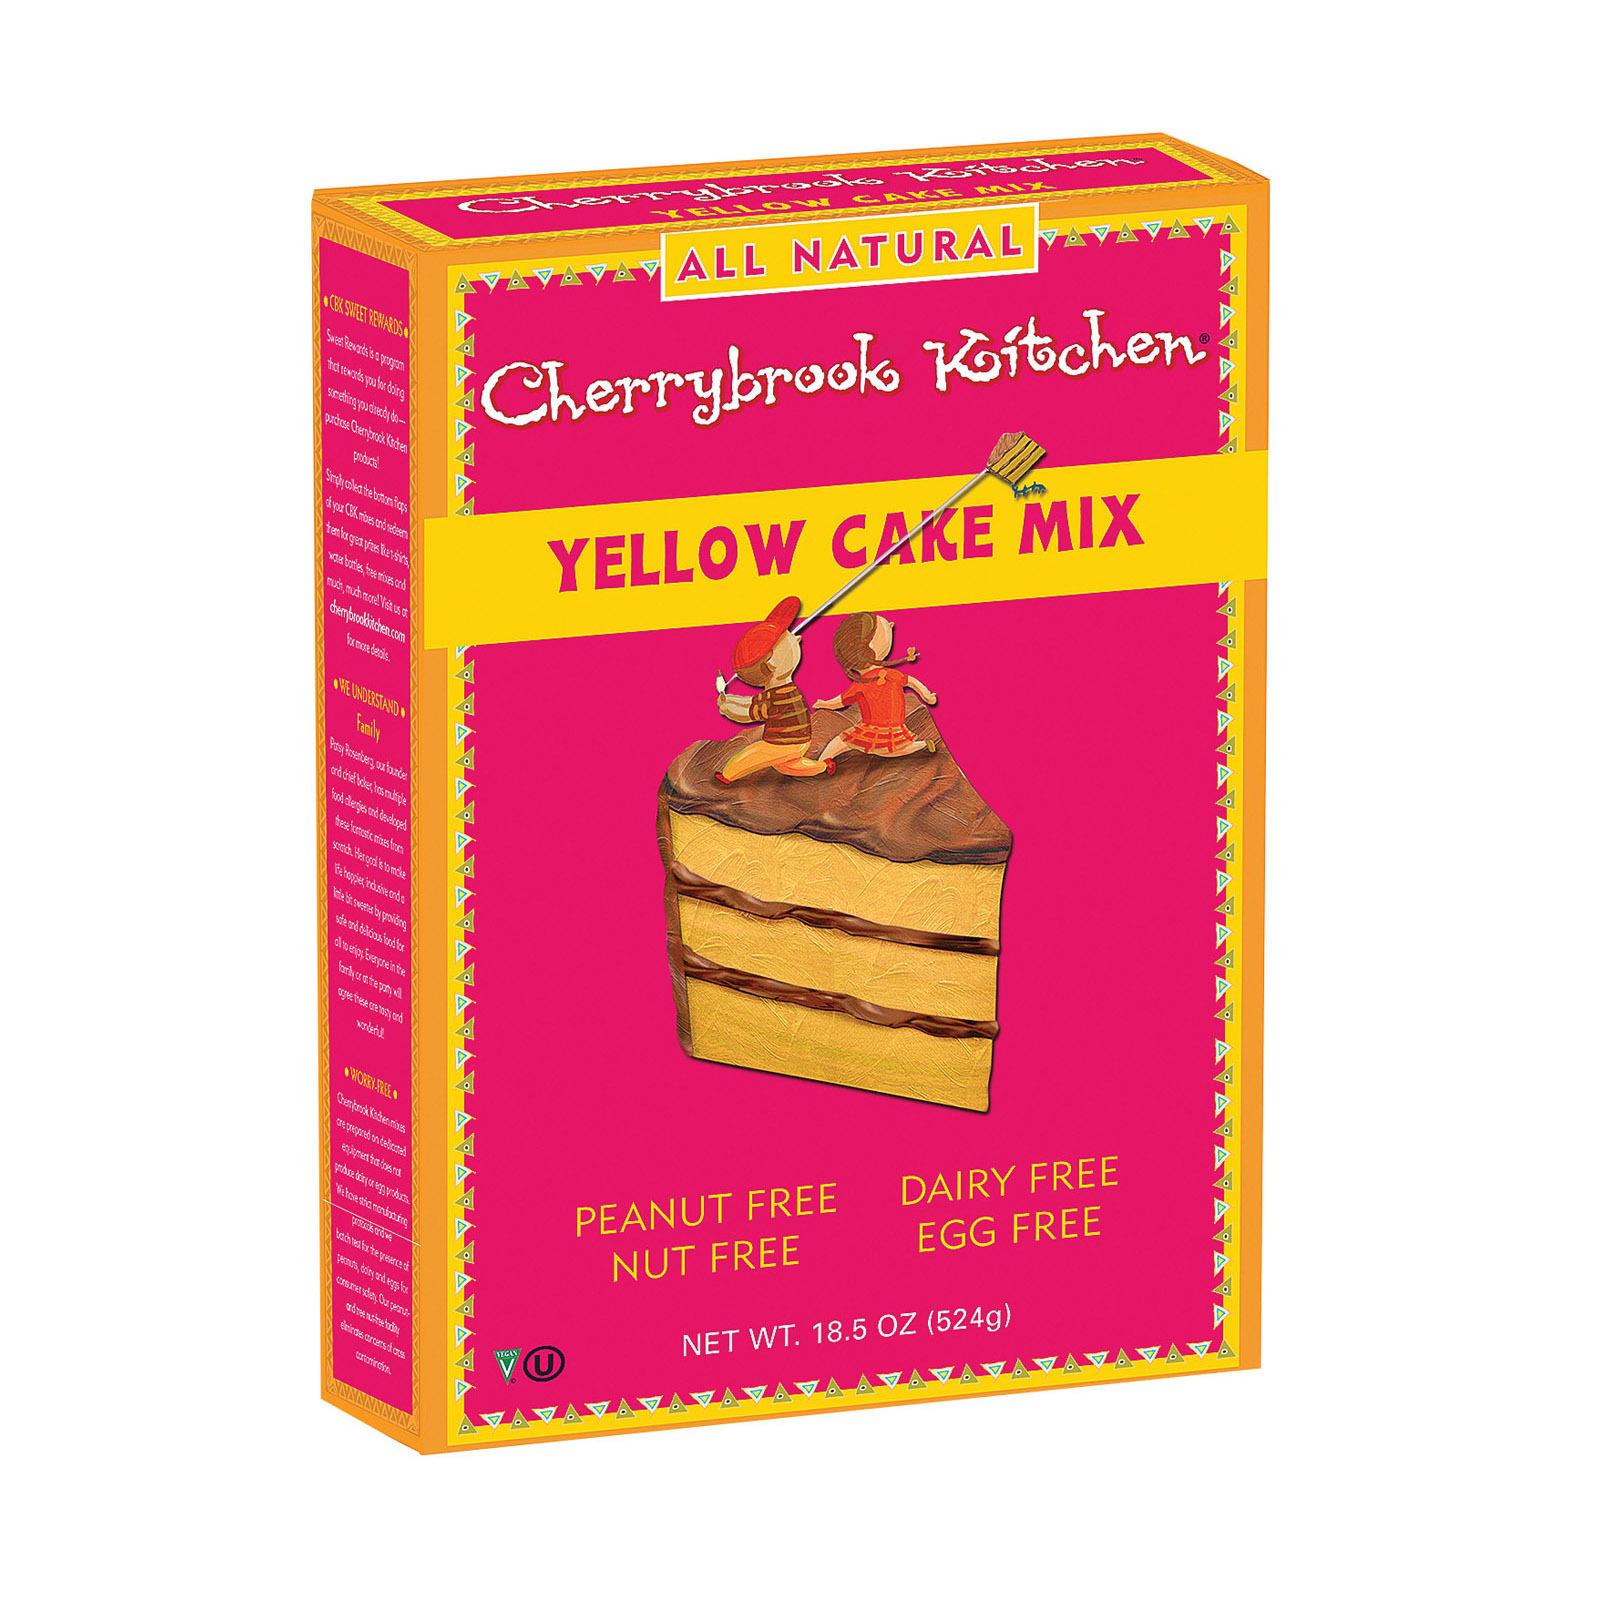 Cherrybrook Kitchen Yellow Cake Mix - Case of 6 - 16.3oz